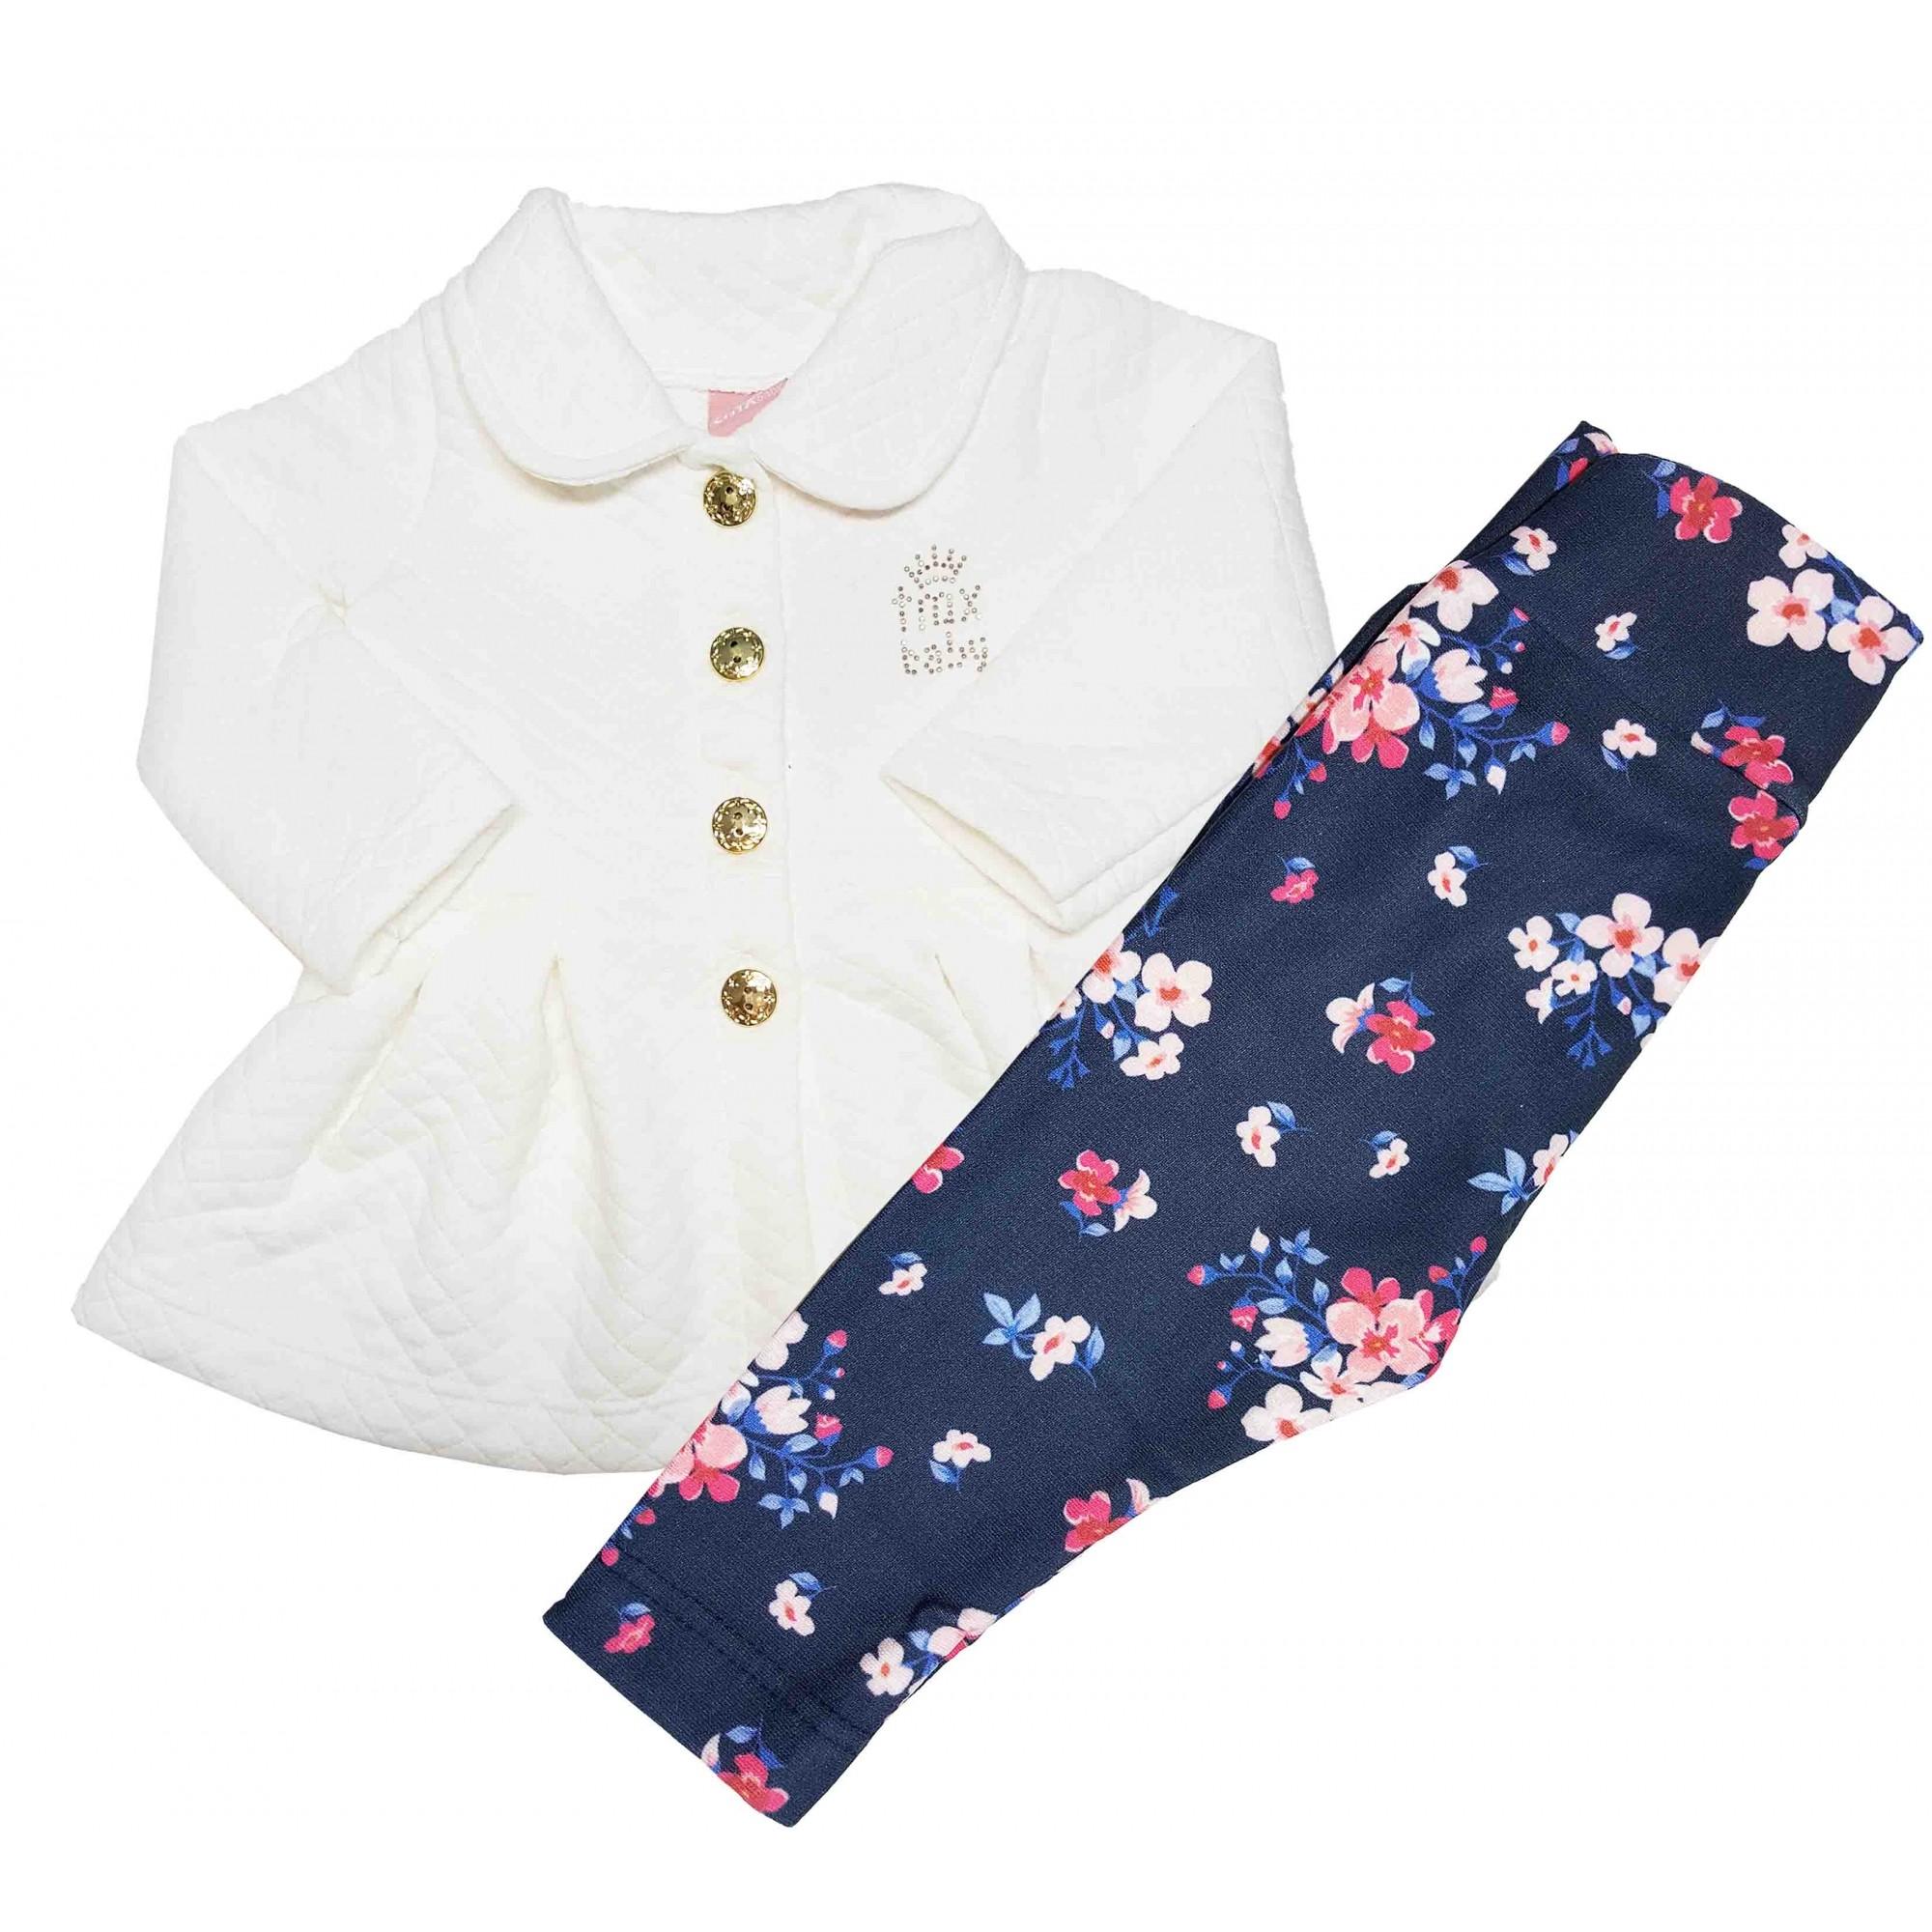 Conjunto Bebê Casaco Metelassê e Legging cotton TMX Marfim/Florzinhas